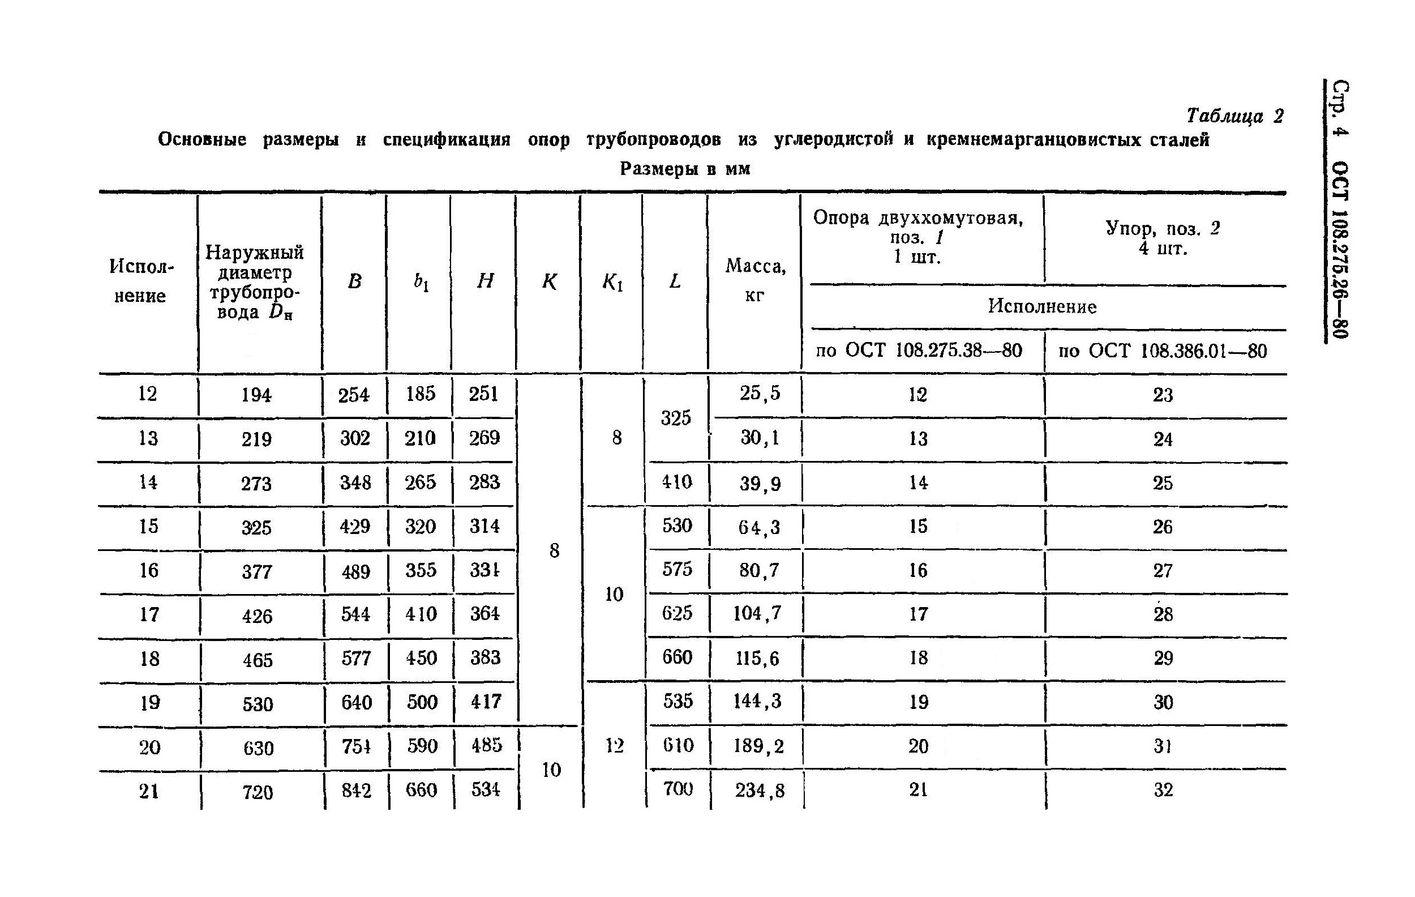 Опоры неподвижные двуххомутовые ОСТ 108.275.26-80 стр.4